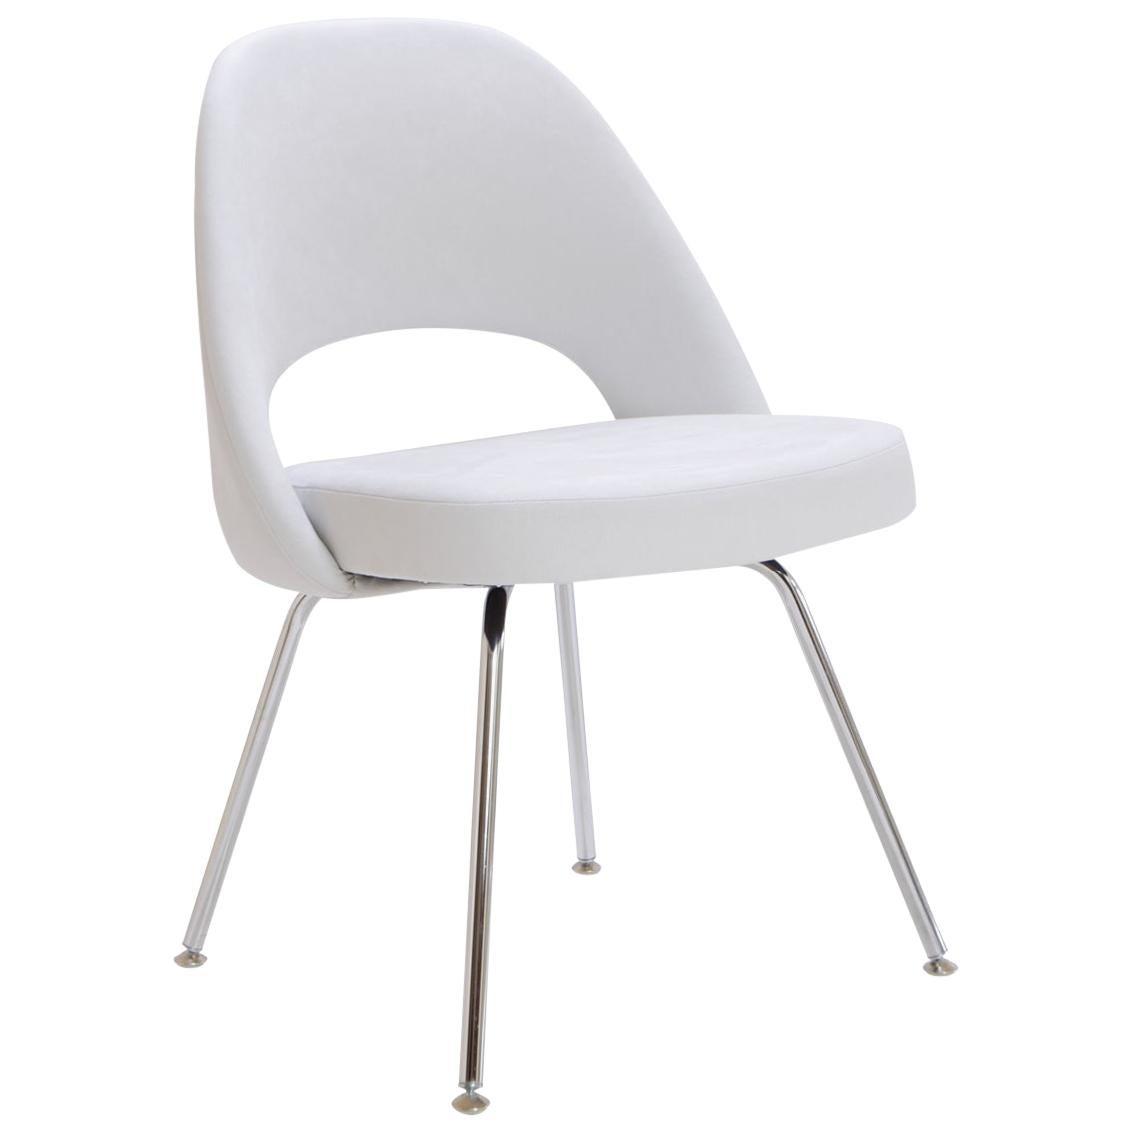 Saarinen Executive Armless Chairs in Dove Luxe Suede by Eero Saarinen for Knoll